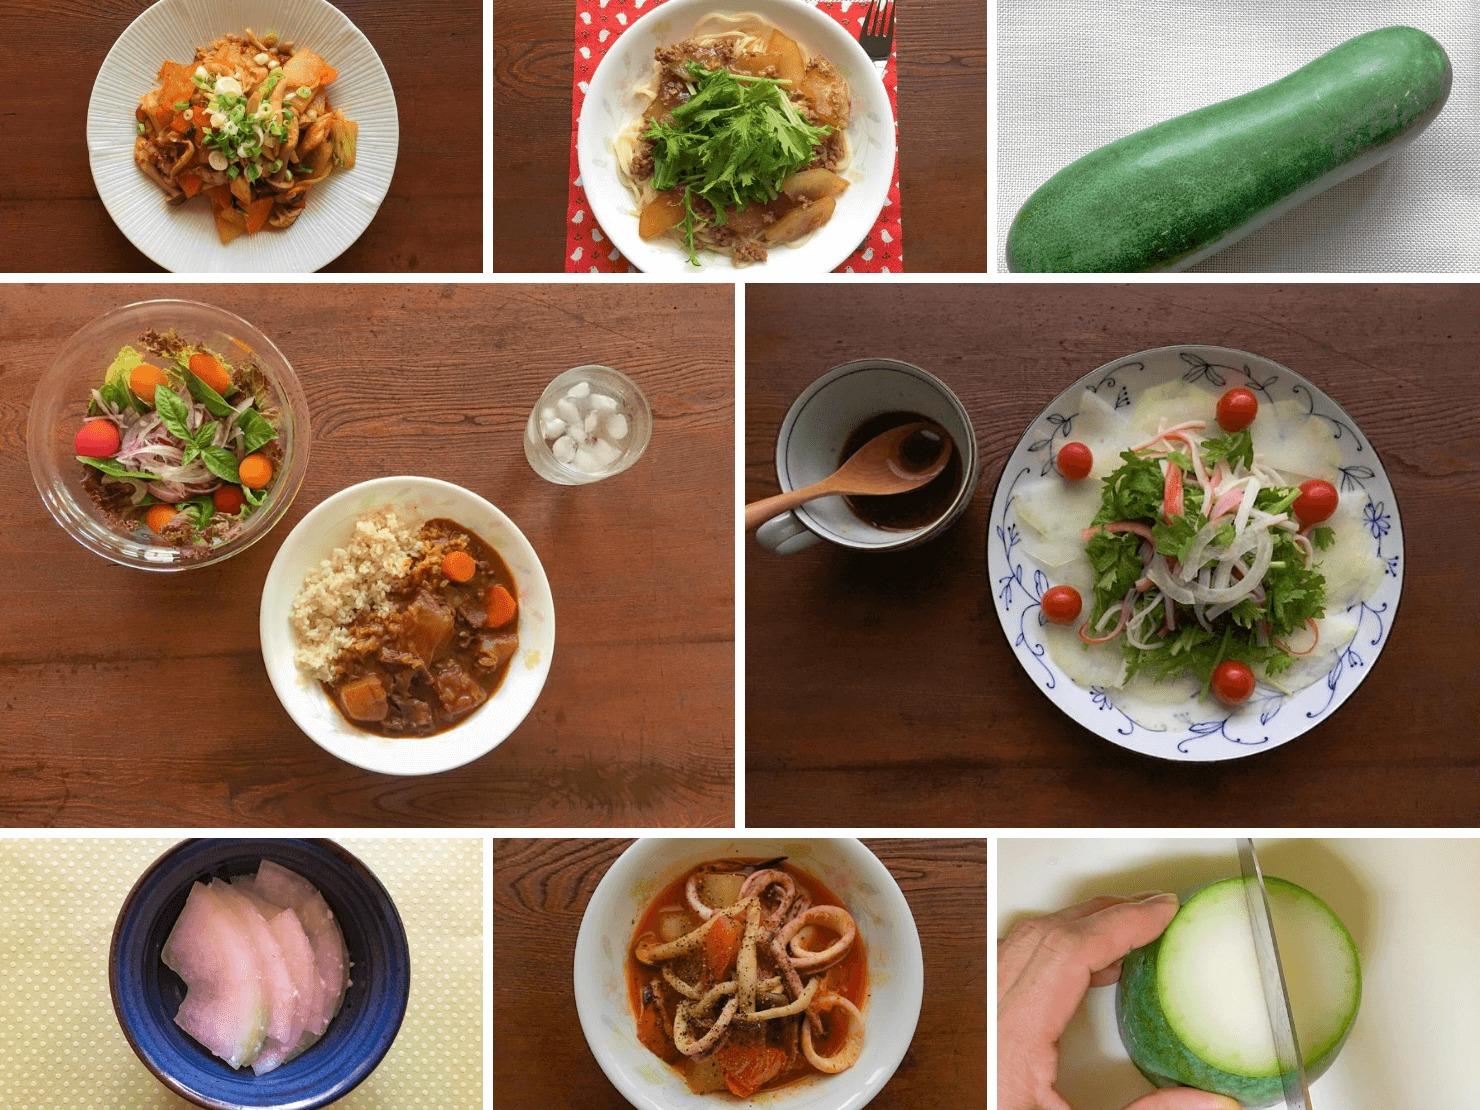 冬瓜や冬瓜料理の写真